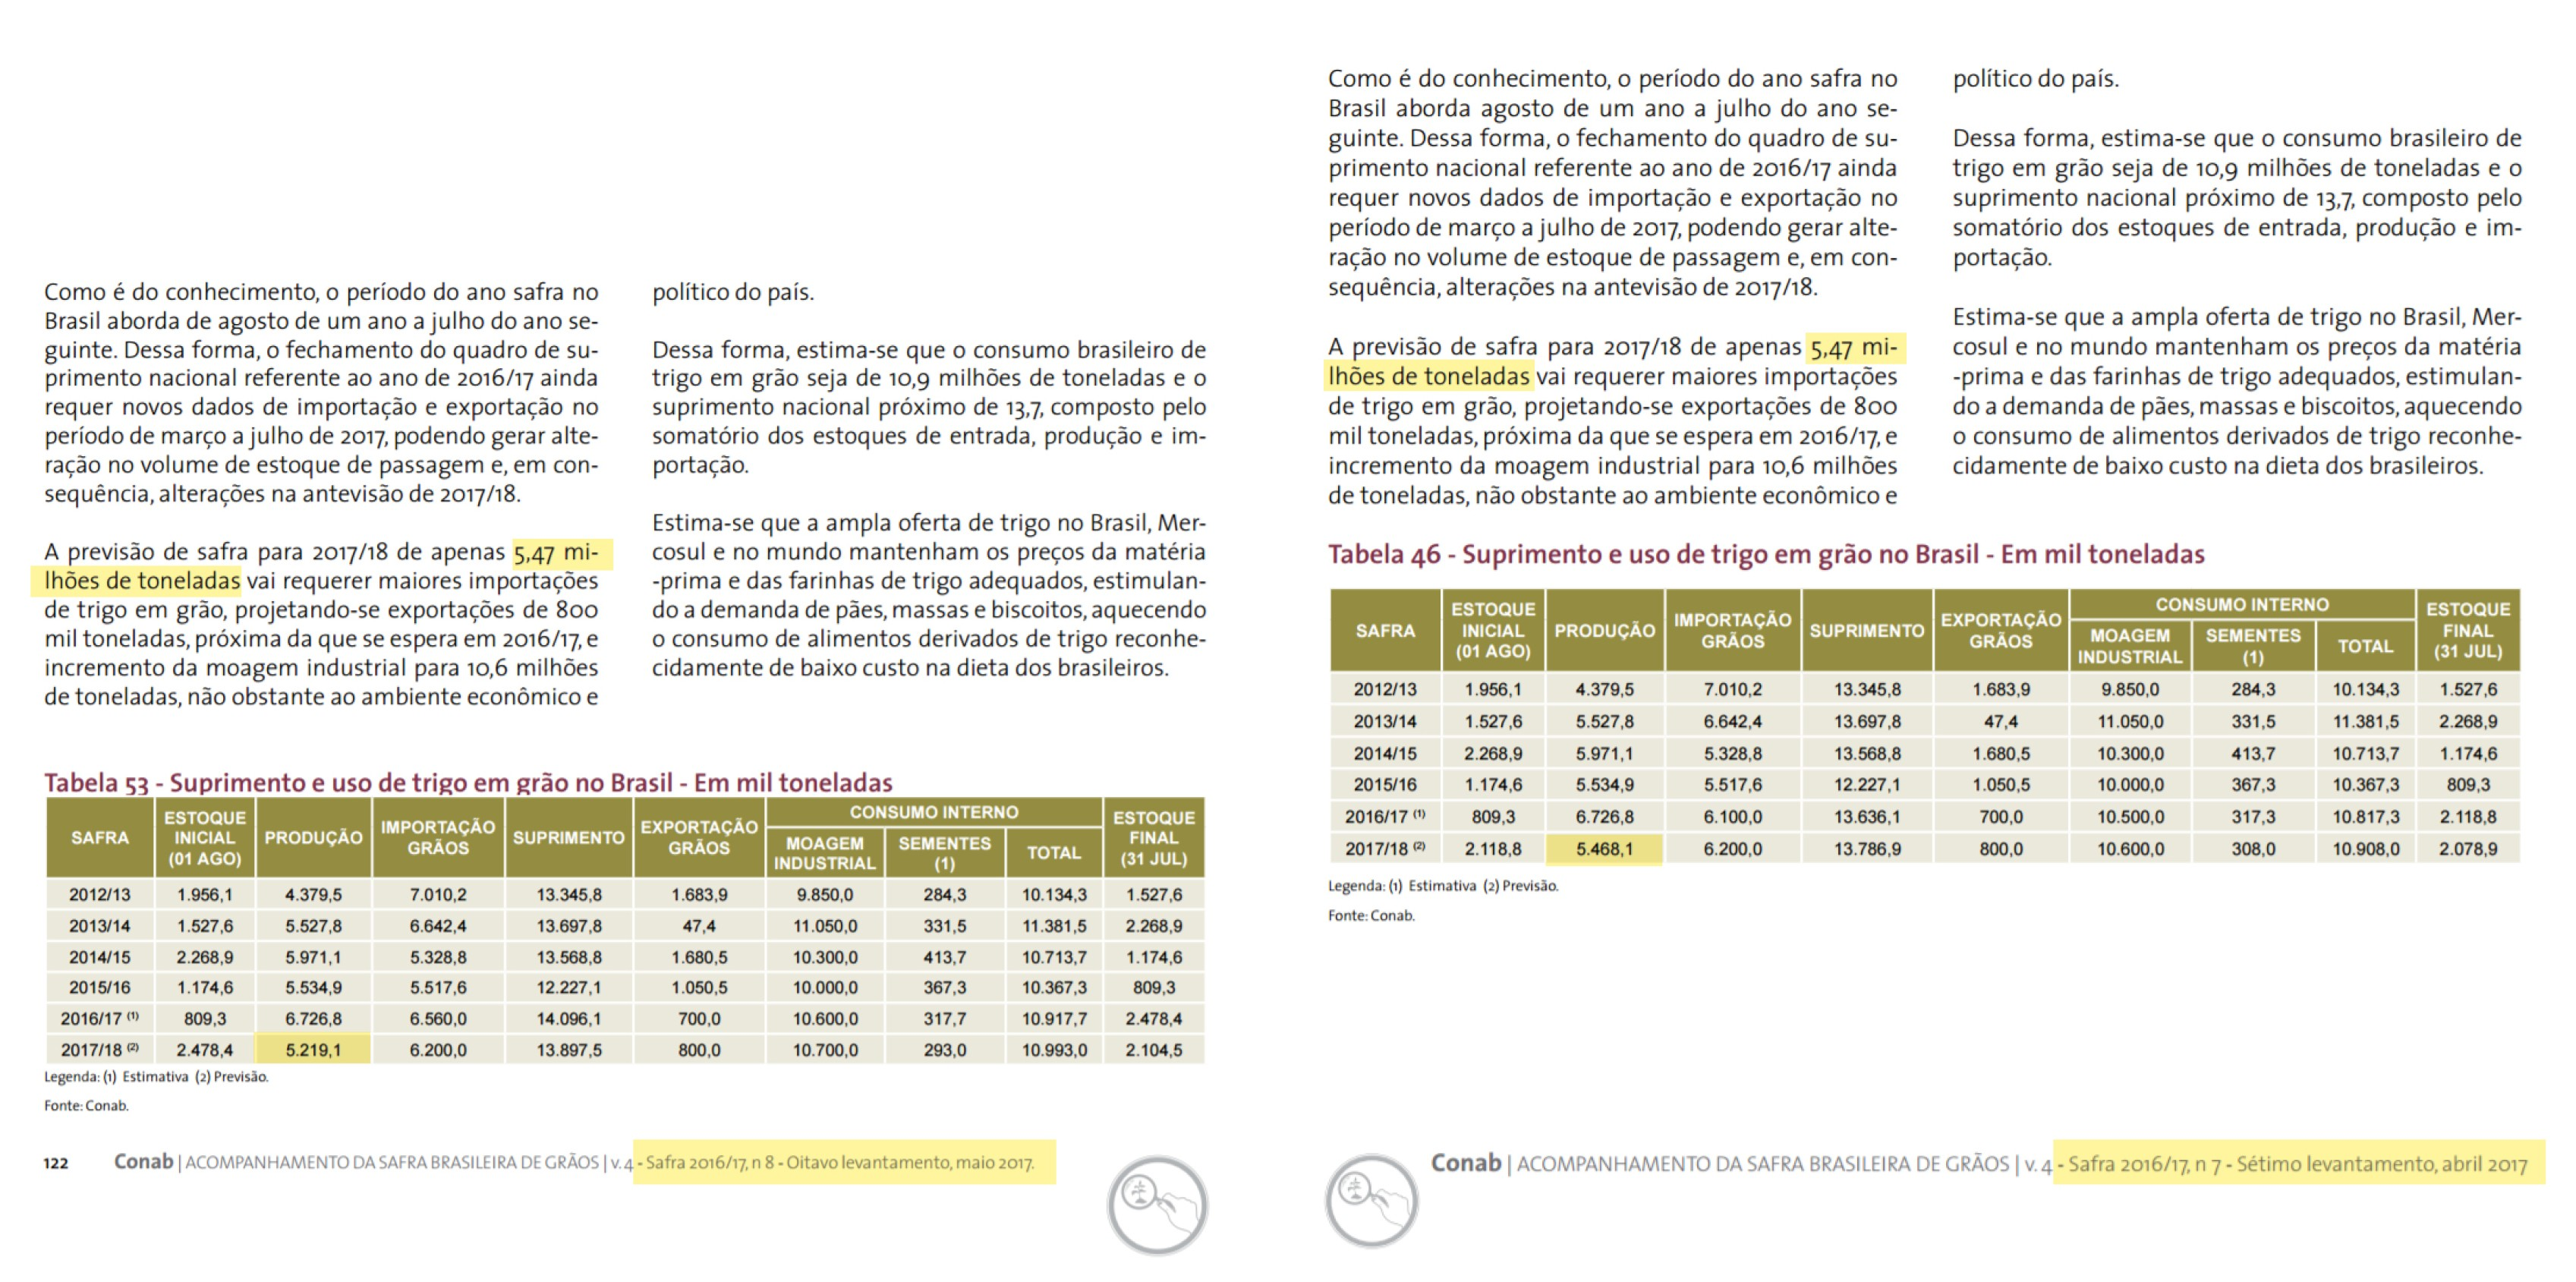 agricultura-trigo-texto-conab (Foto: Cade/Elaboração:Globo Rural)